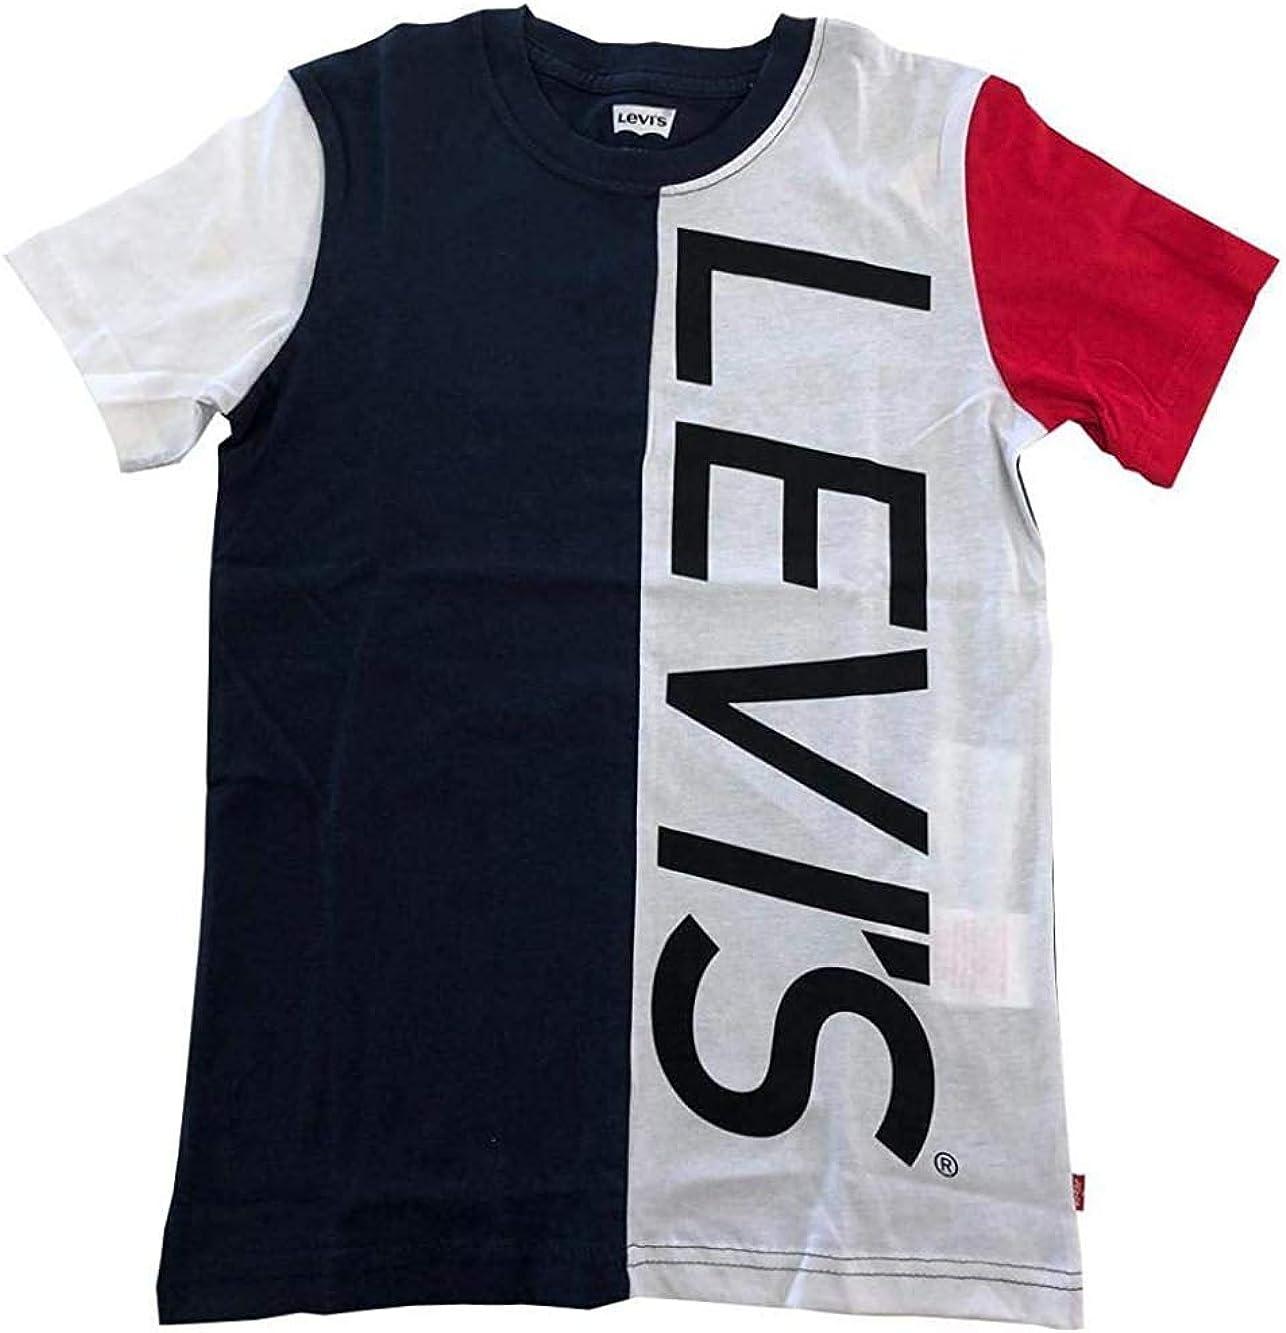 Levis LA Camiseta Blanca Azul del Chico 8EA995: Amazon.es: Ropa y accesorios